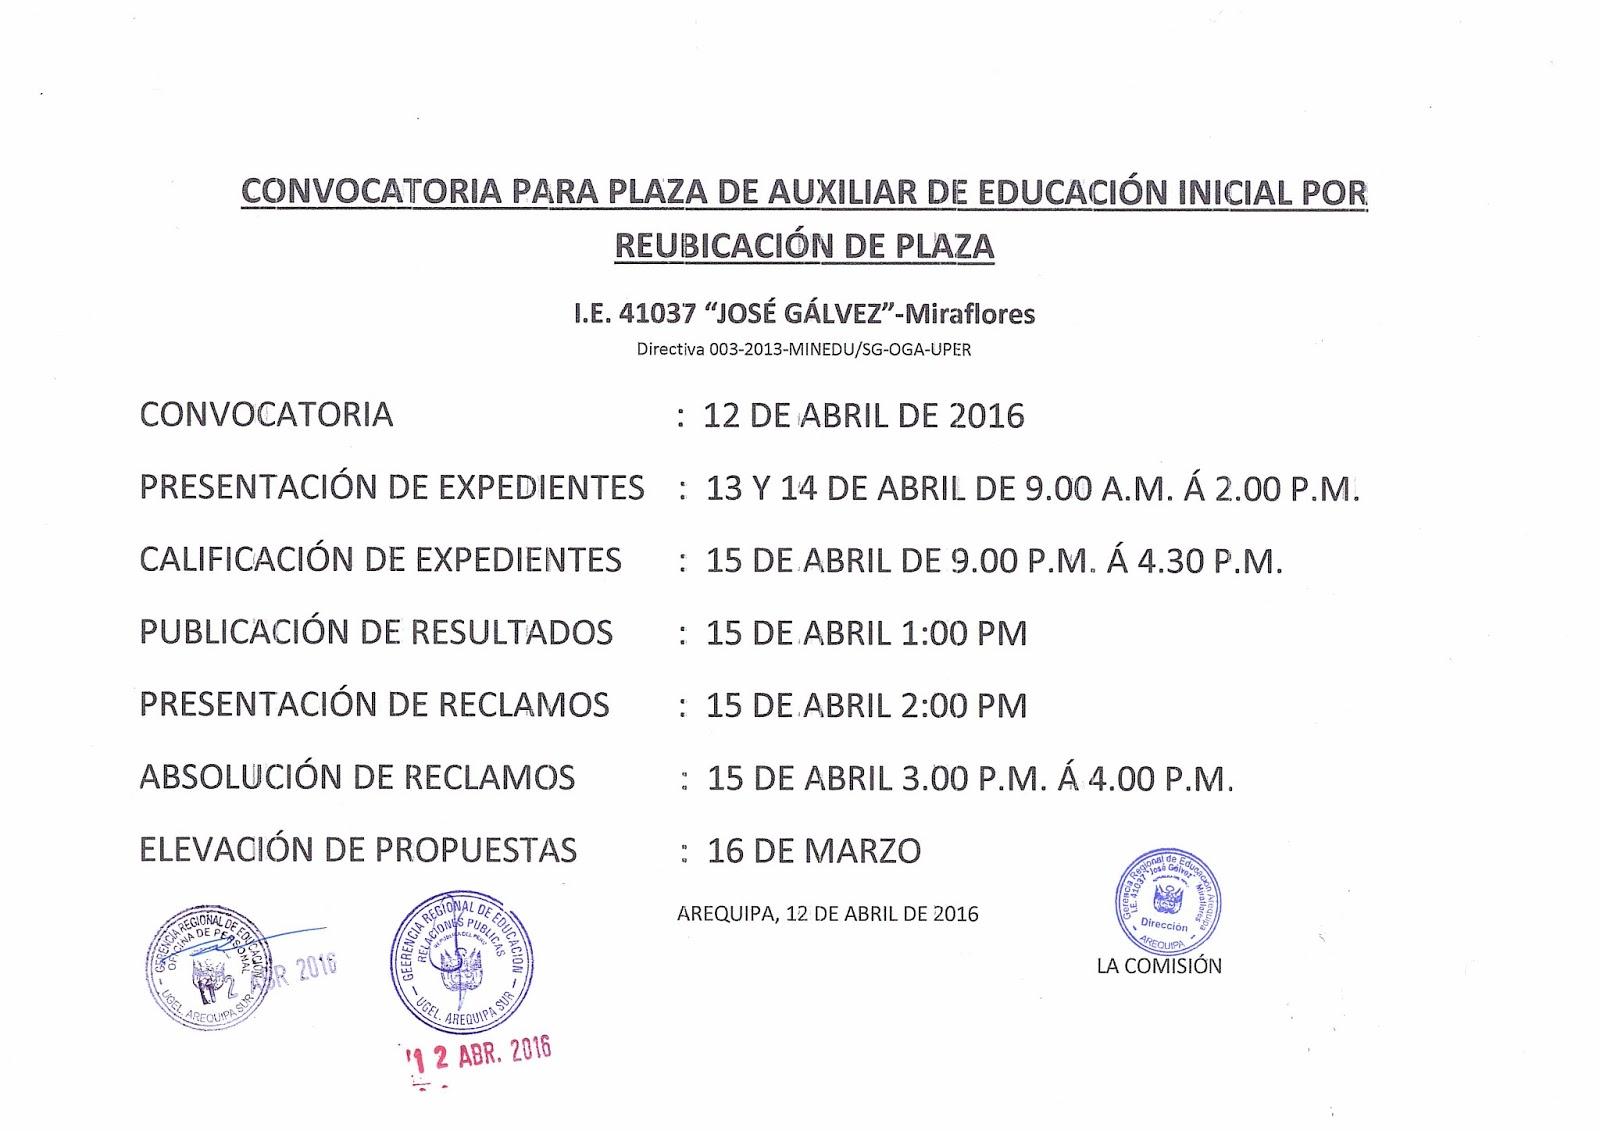 Convocatoria para plaza de auxiliar de educaci n inicial i for Convocatoria para las plazas docentes 2016